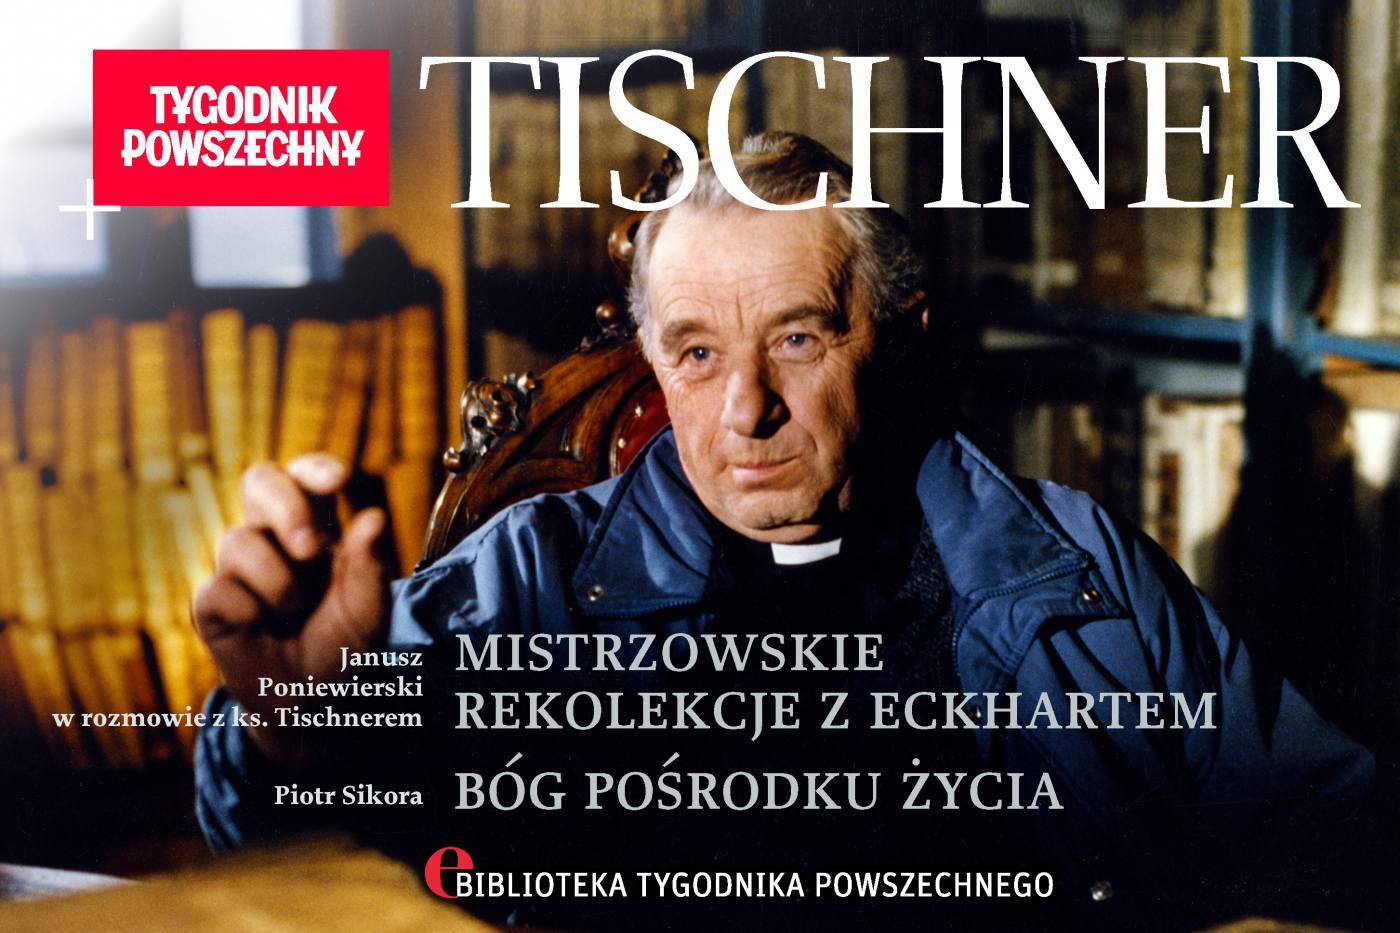 Tischner: Mistrzowskie rekolekcje z Eckhartem - Ebook (Książka EPUB) do pobrania w formacie EPUB